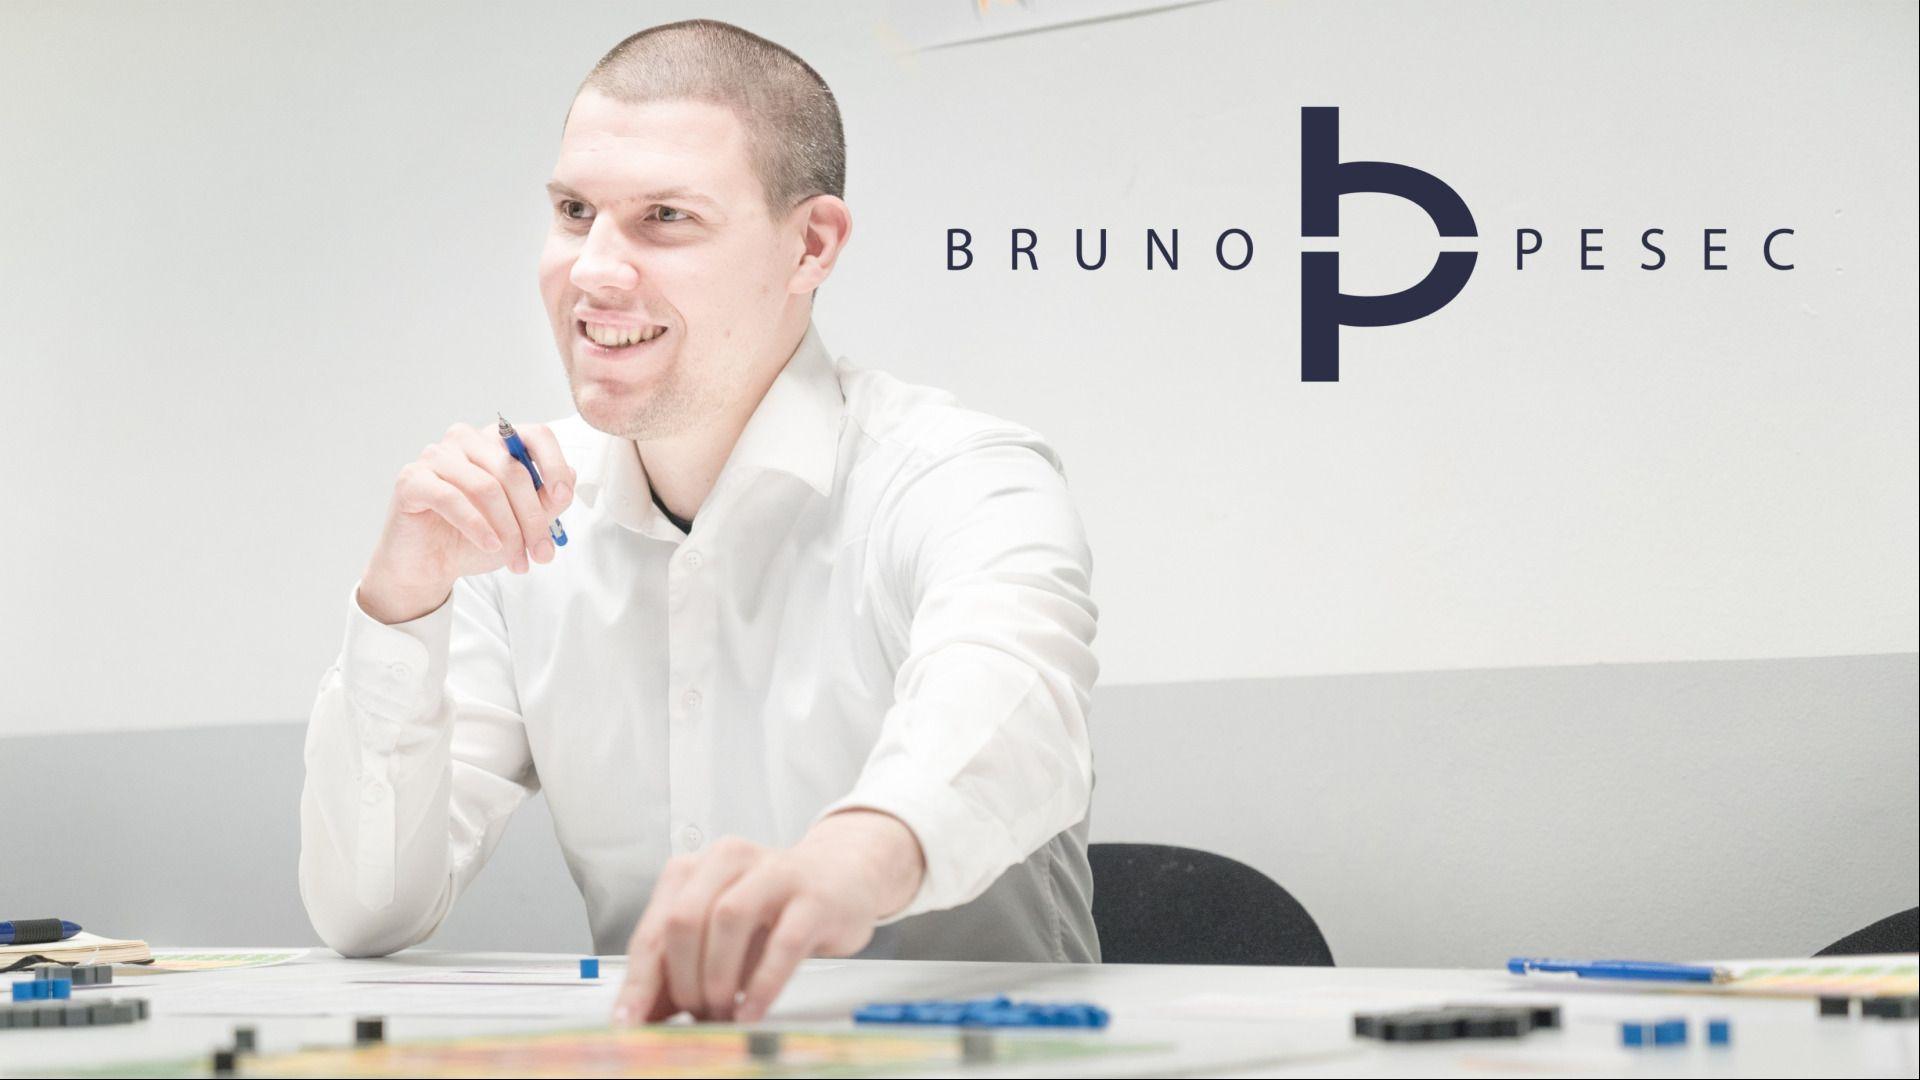 Bruno Pešec